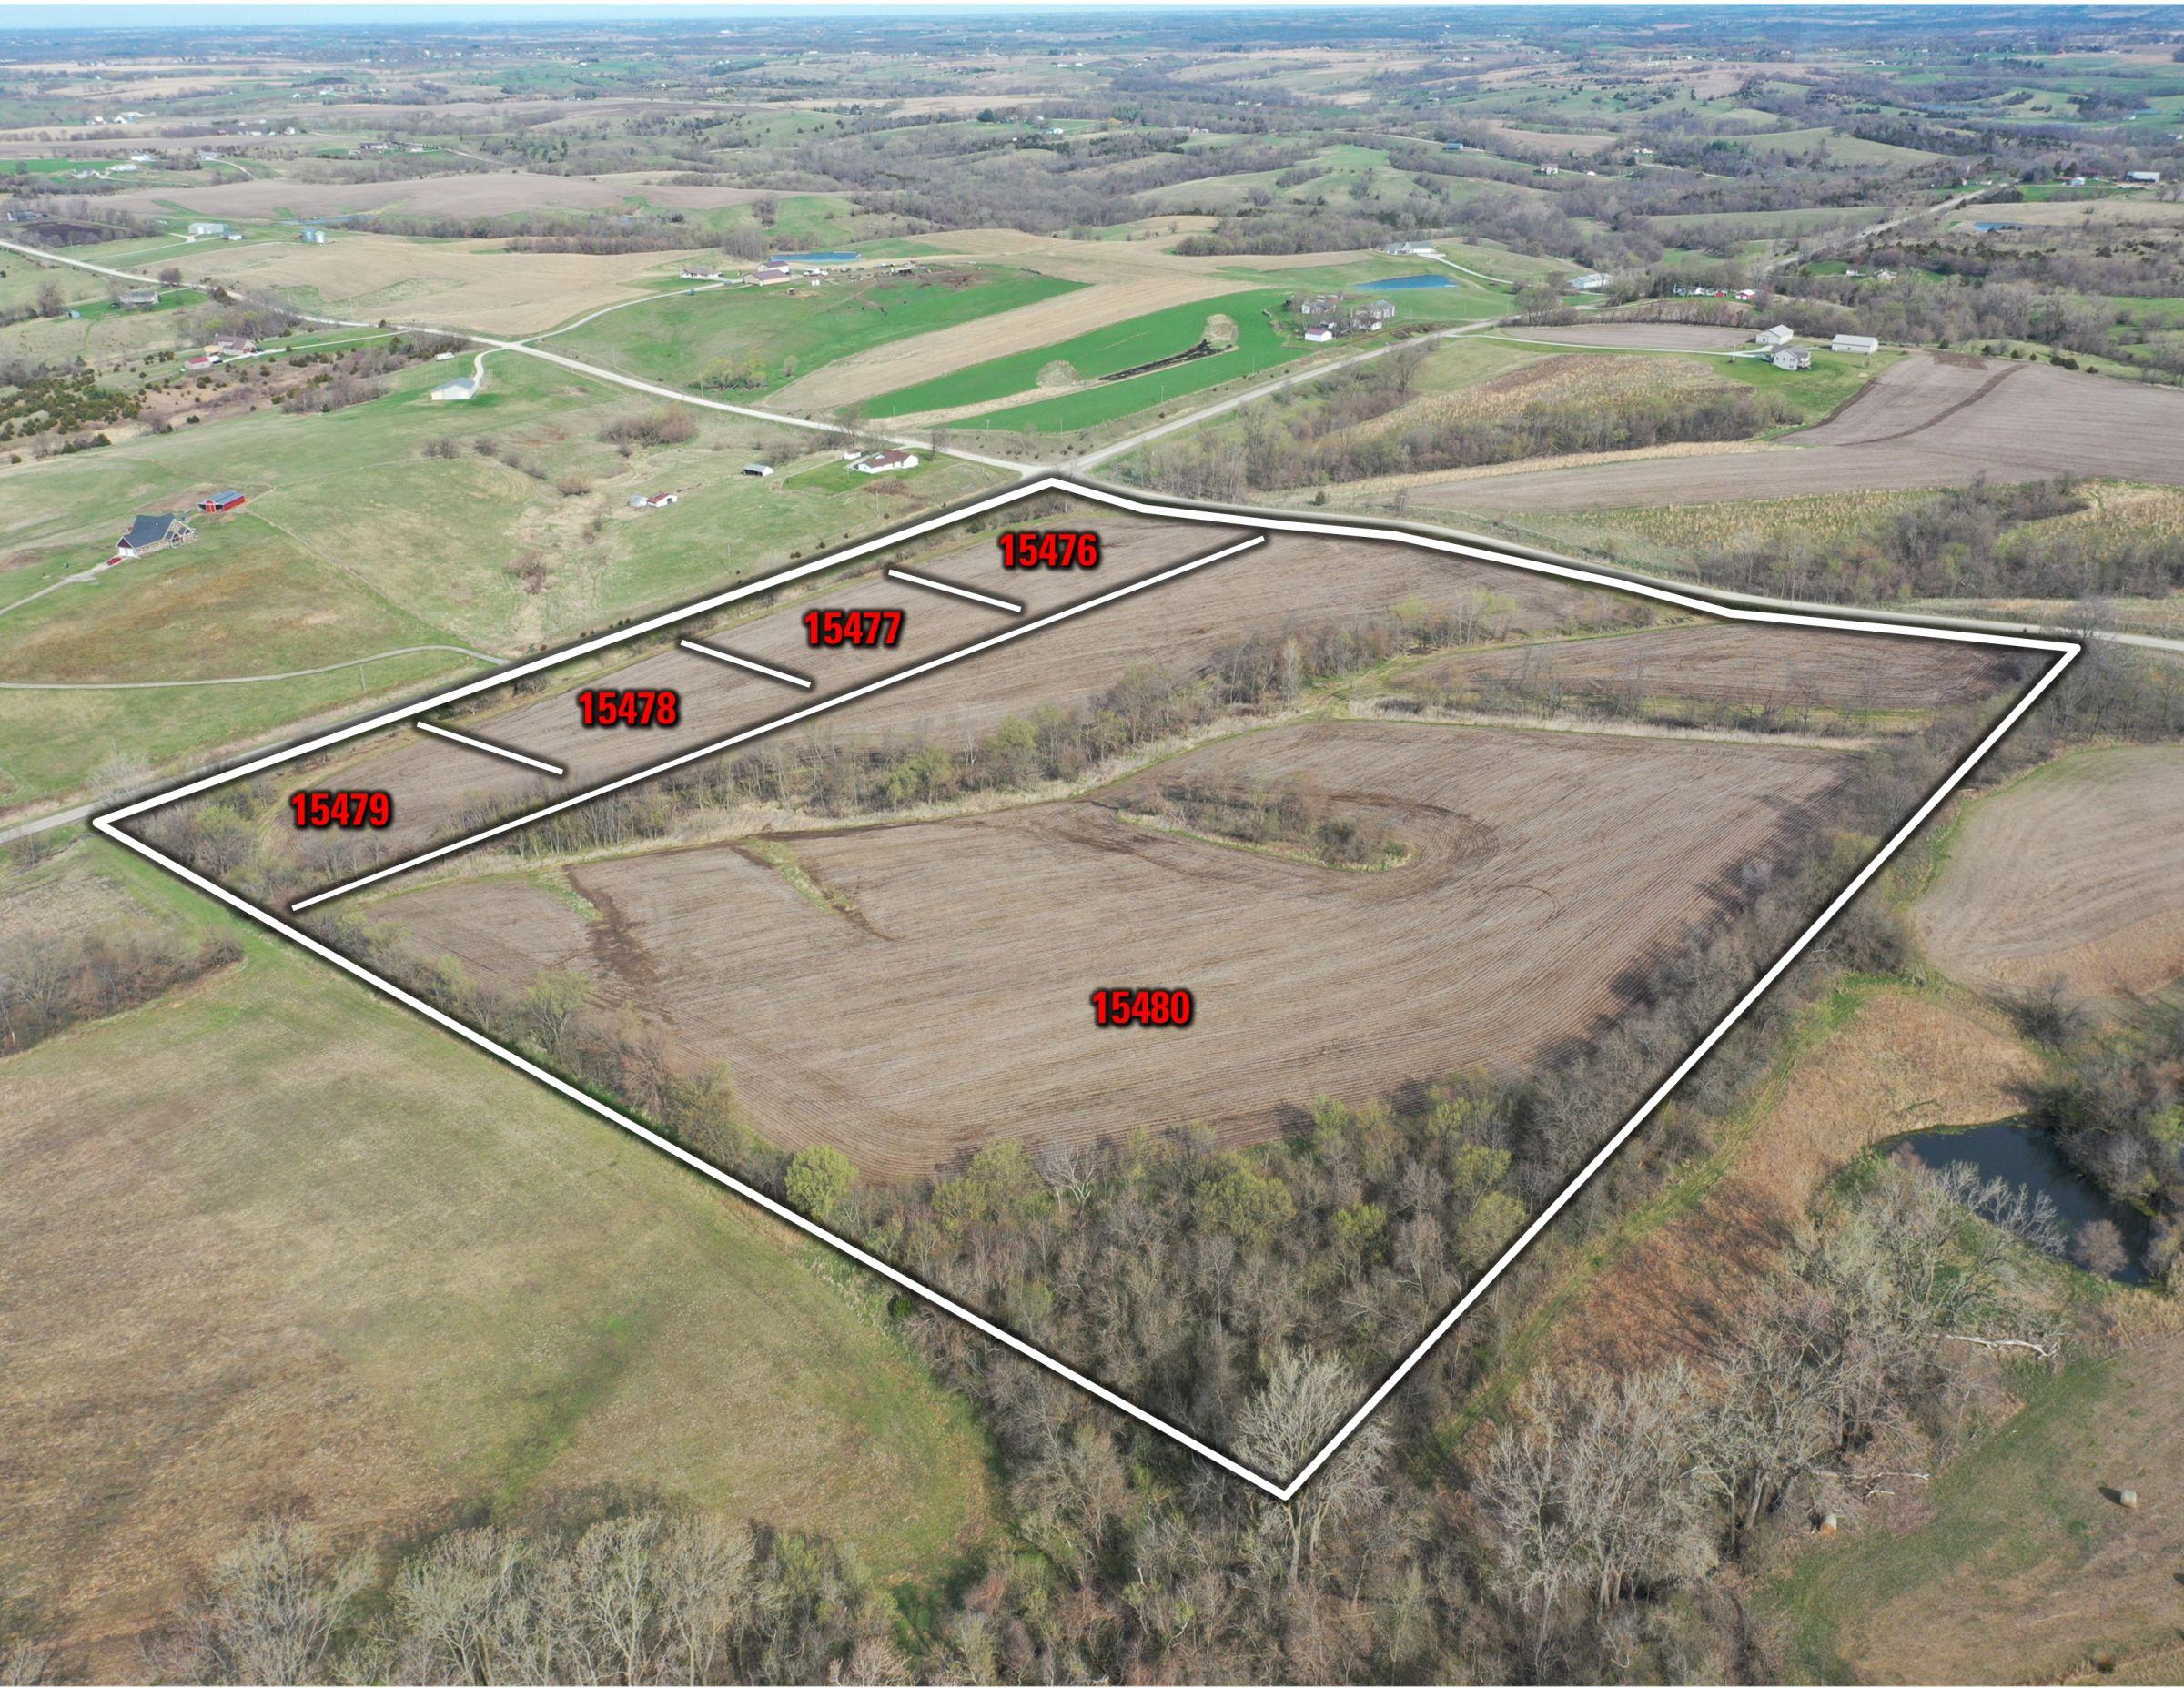 warren-county-iowa-3-acres-listing-number-15478-4-2021-04-21-184358.jpg